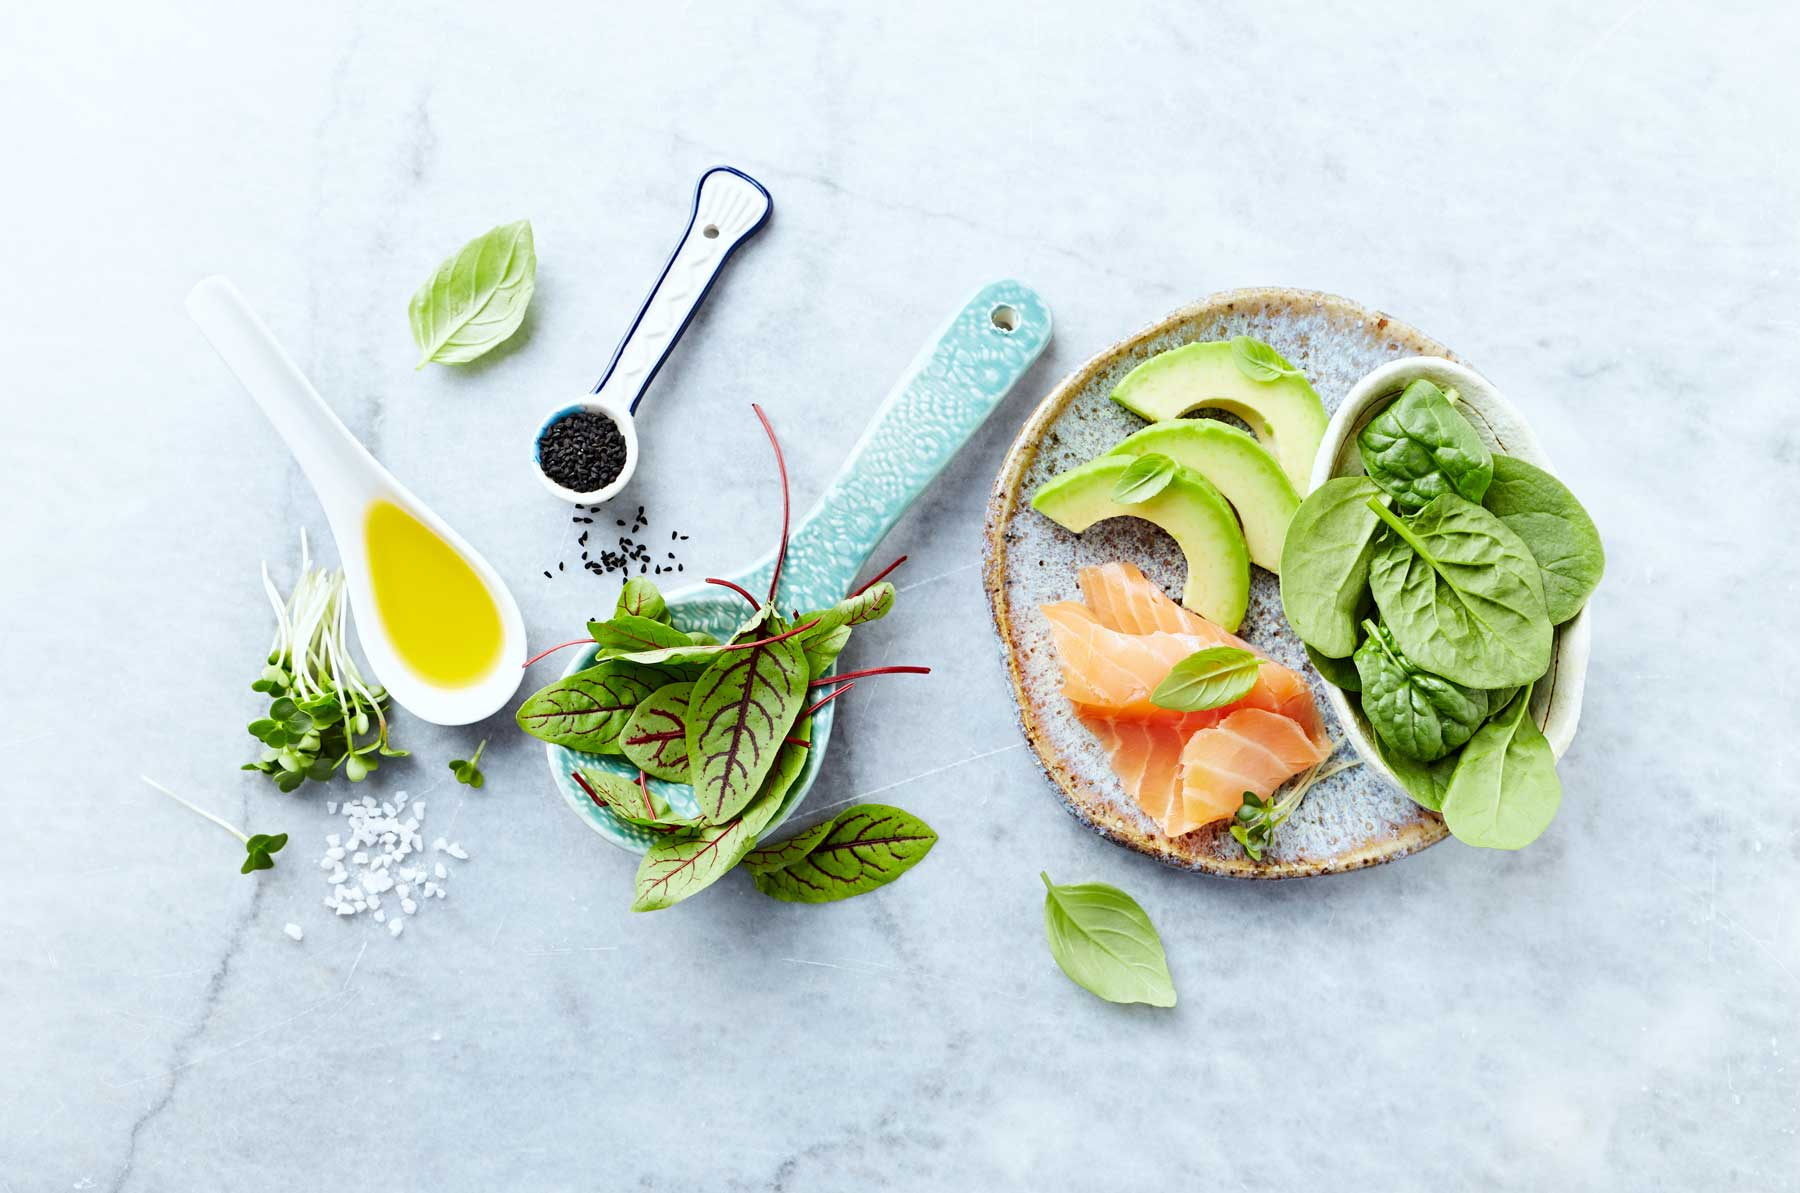 Gezonde vetten in avocado, zalm en olijfolie